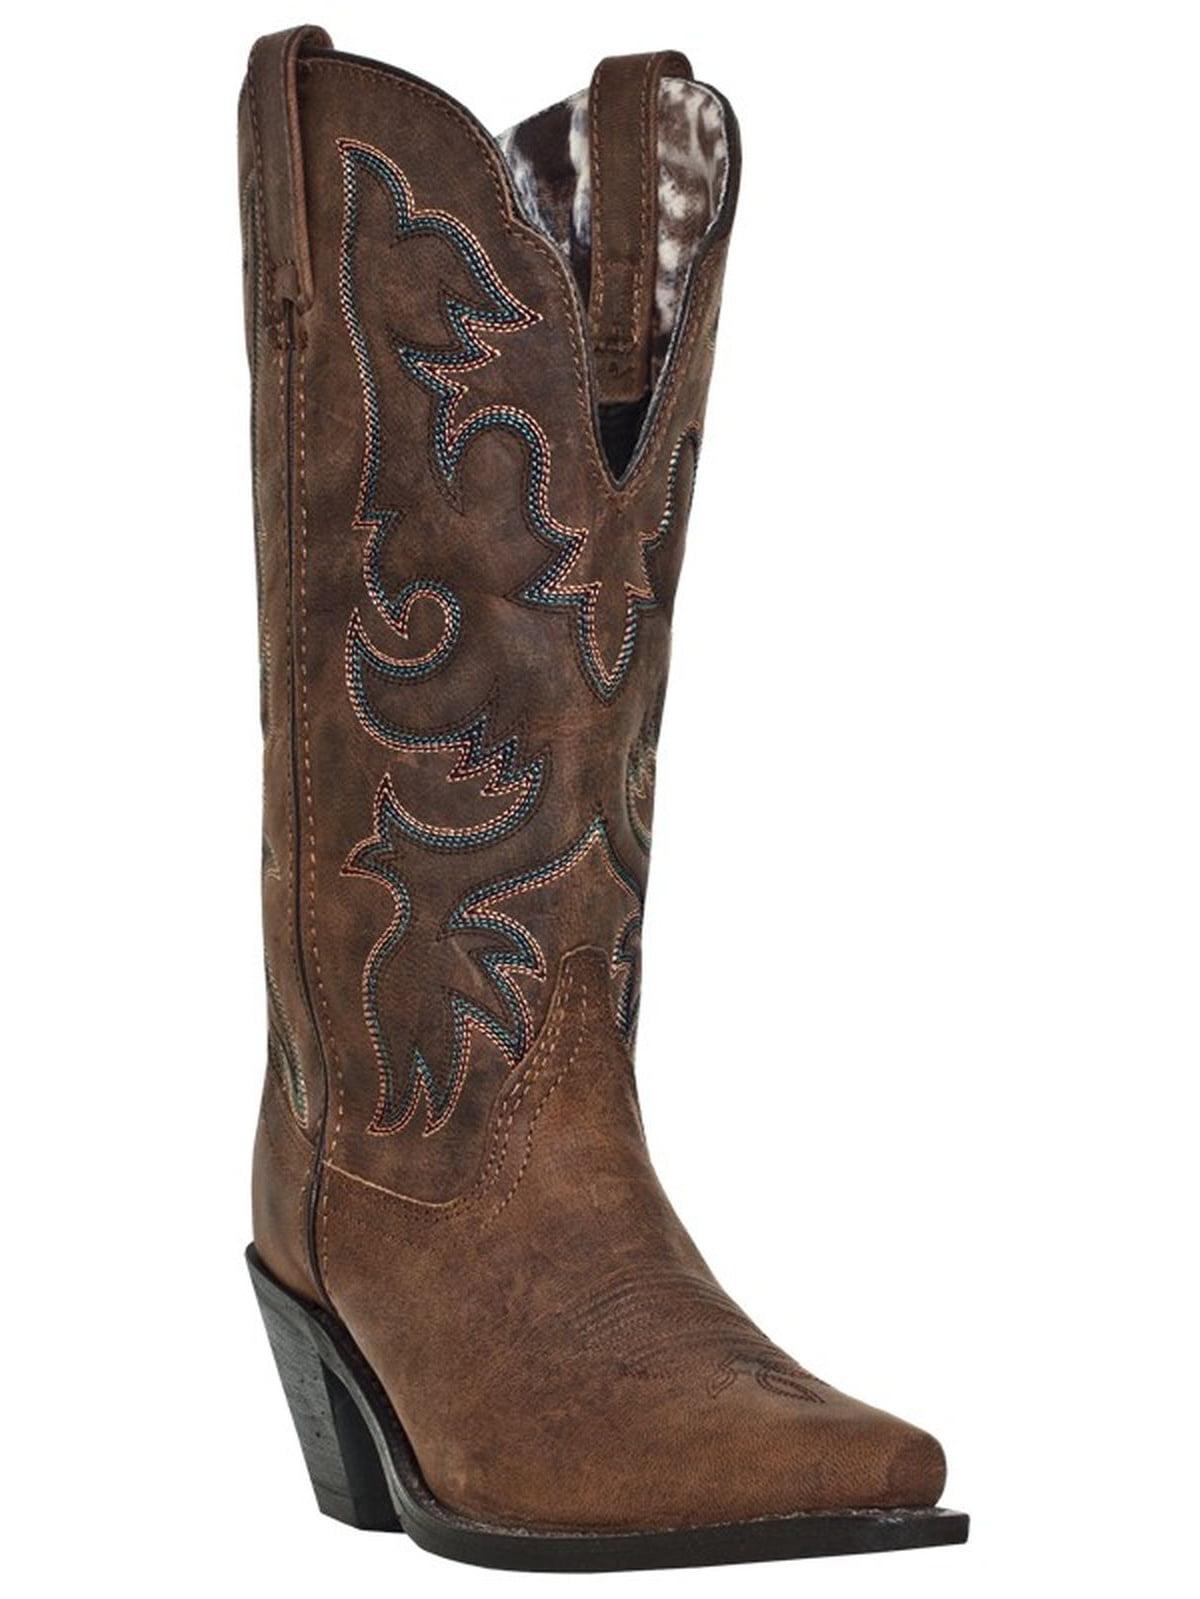 Laredo 51078 Women's Tan Access Vintage Western Boots by Laredo